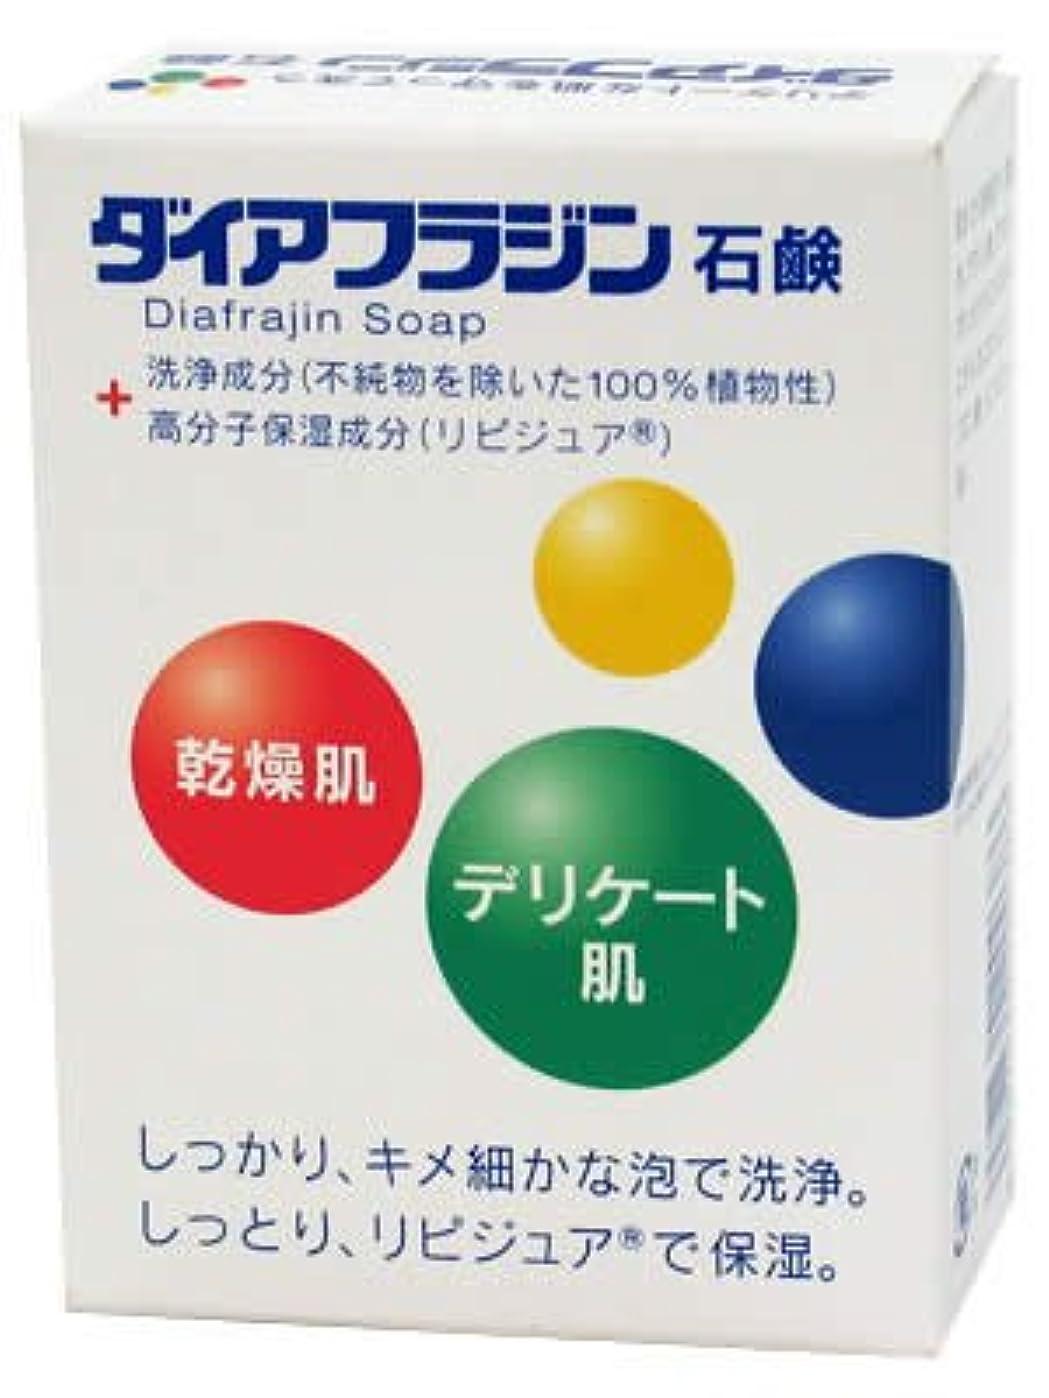 スプーン物理的に最大化するダイアフラジン石鹸 75g×1個入